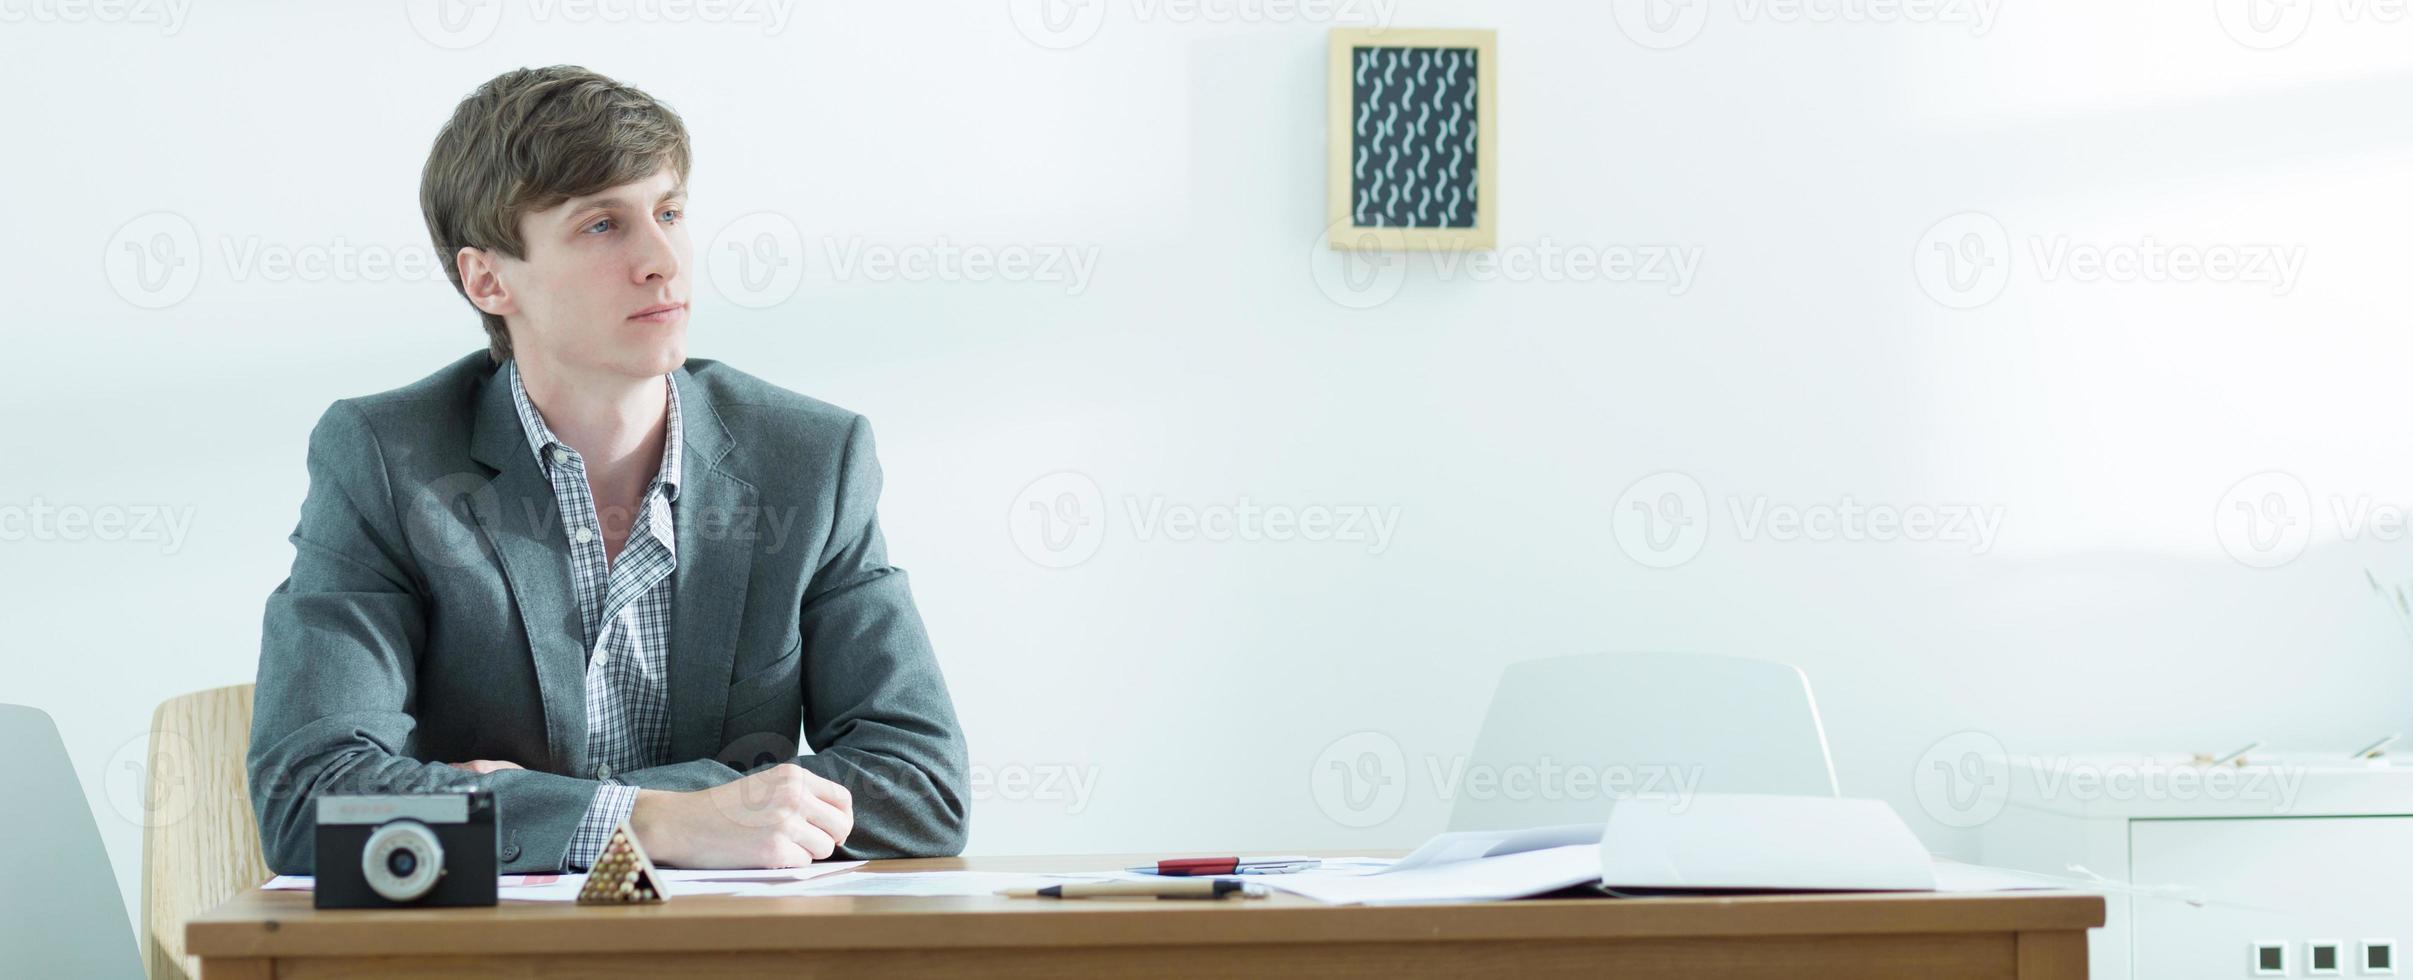 jovem trabalhador do sexo masculino foto